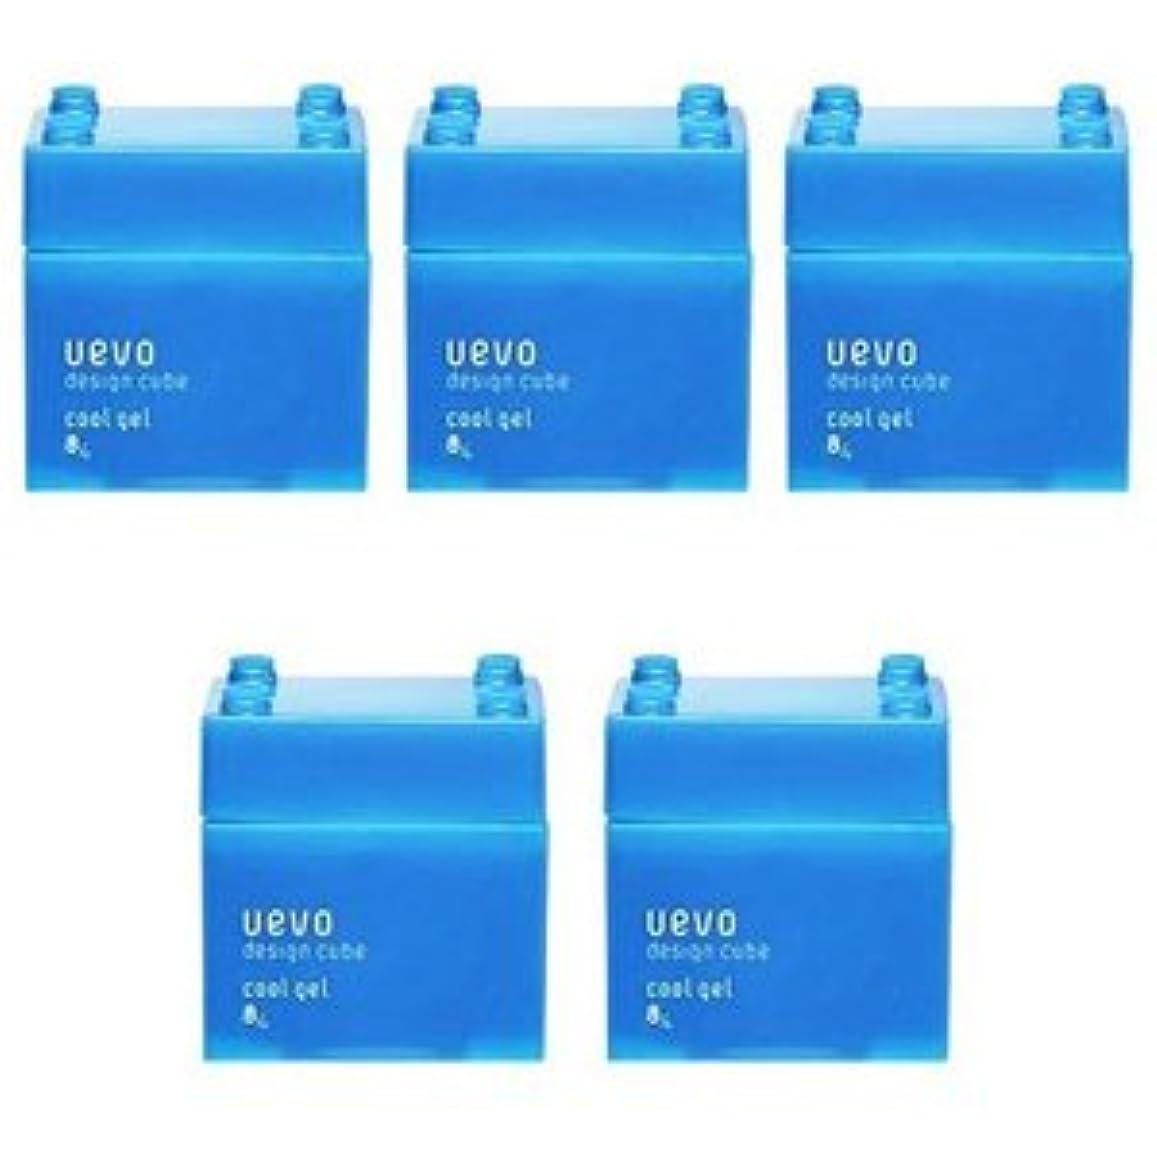 アフリカ近似リング【X5個セット】 デミ ウェーボ デザインキューブ クールジェル 80g cool gel DEMI uevo design cube